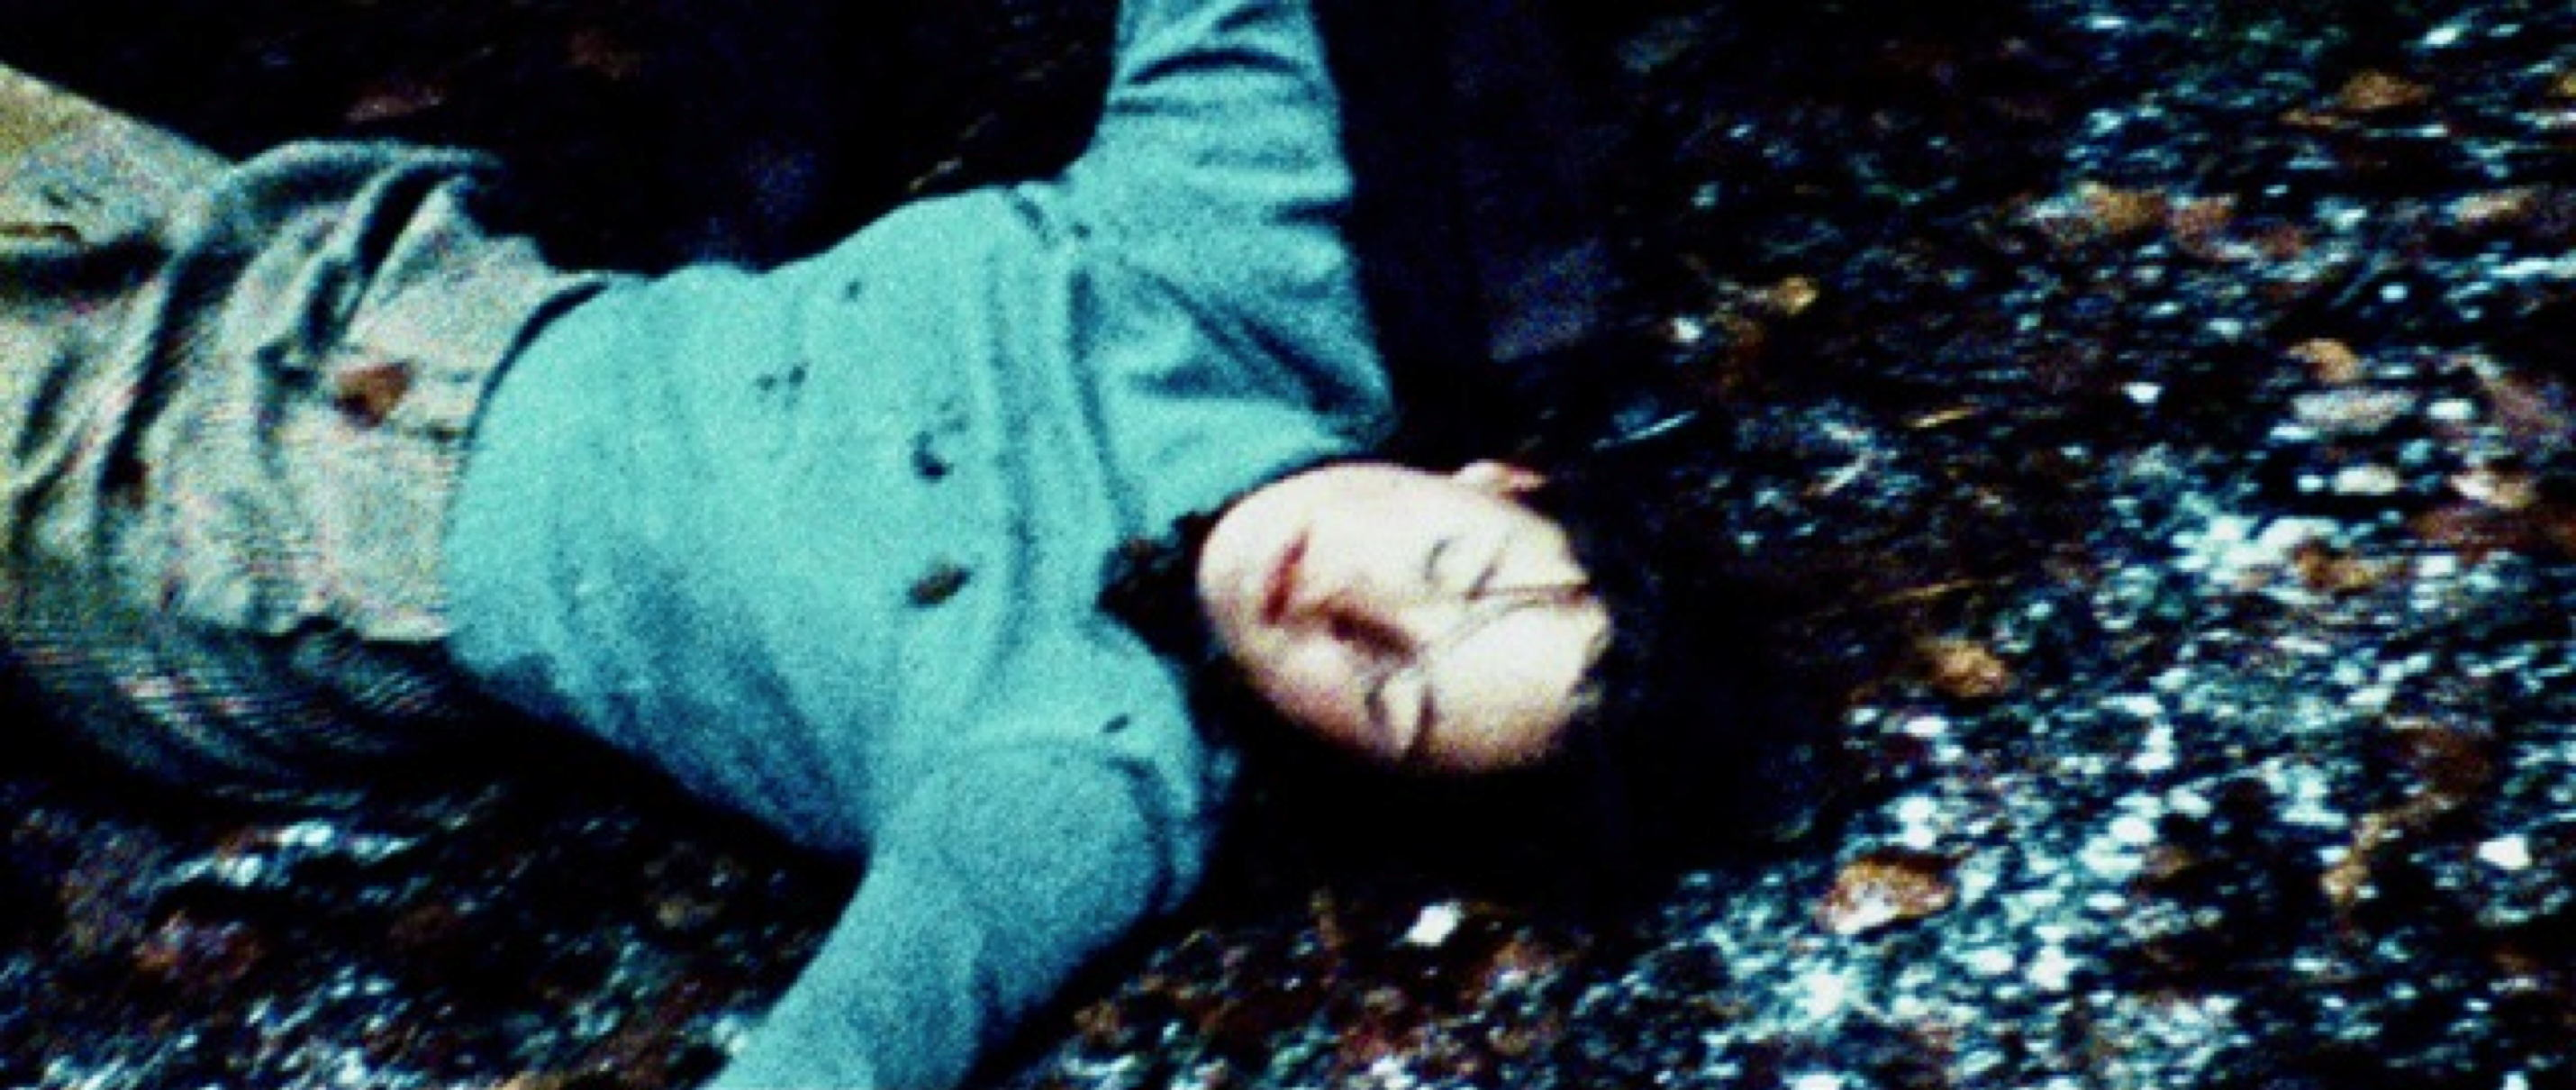 Zwei Leben - Two Lives - Kathrin Lehnhaber liegt tot auf dem Waldboden - Regie Georg Maas - Regie und Kamera Judith Kaufmann